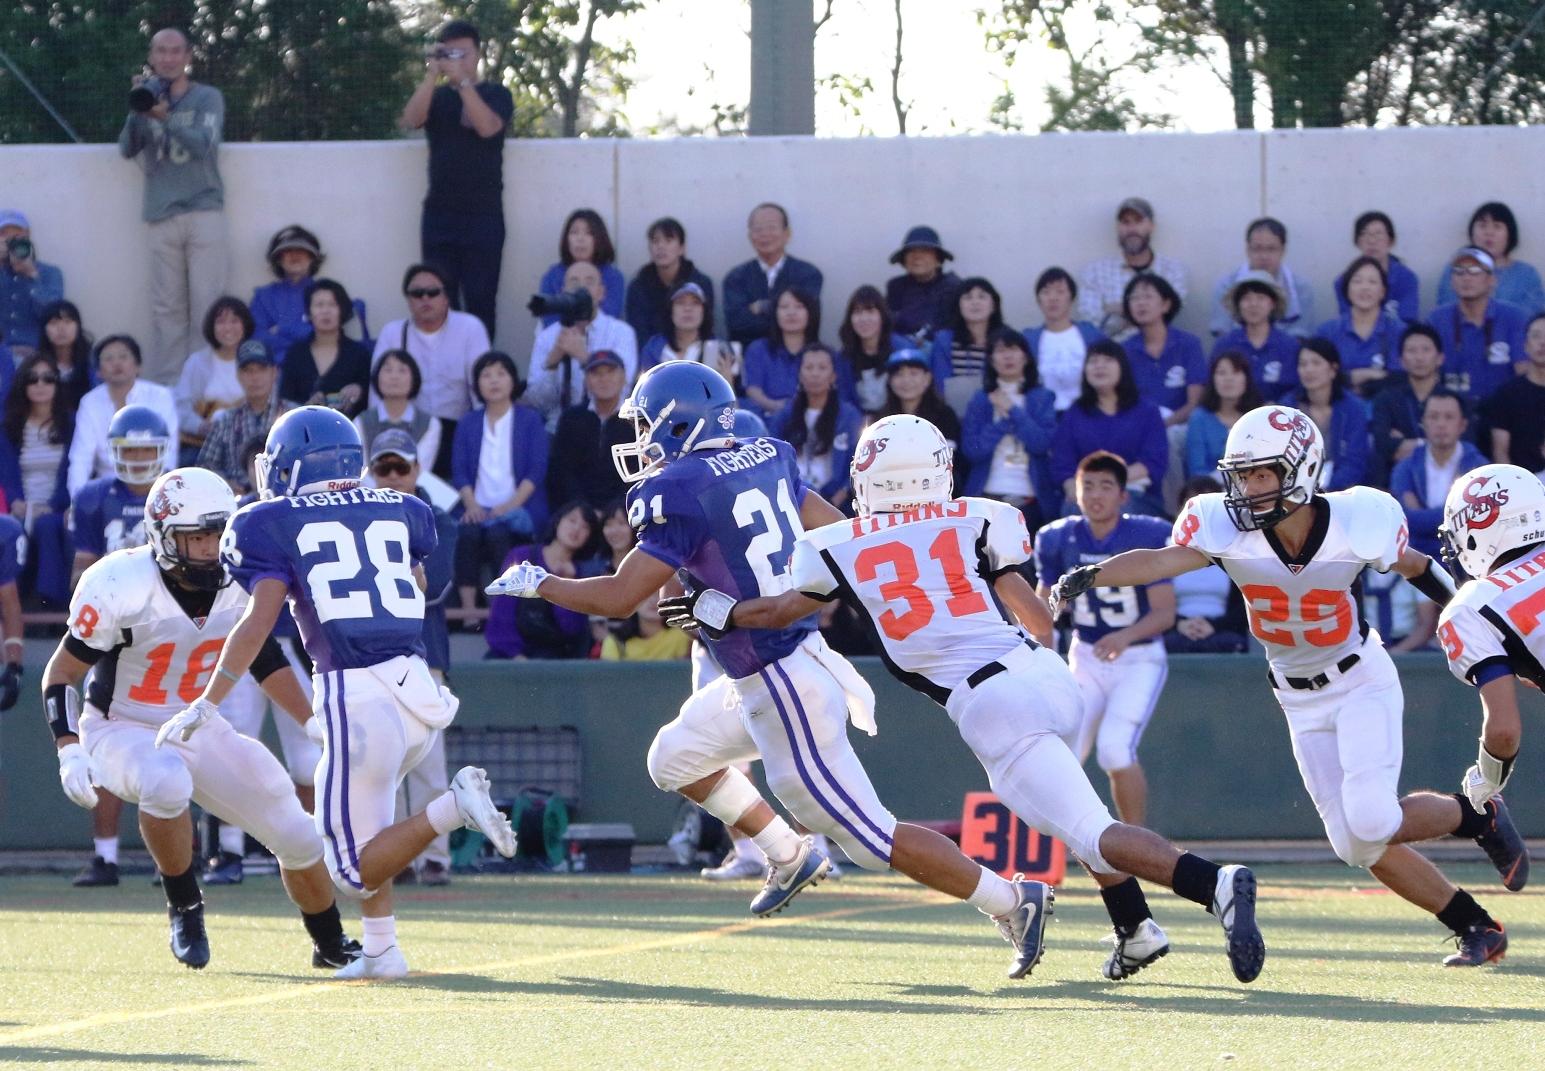 関西学院RB前島のTDラン=撮影:山口雅弘